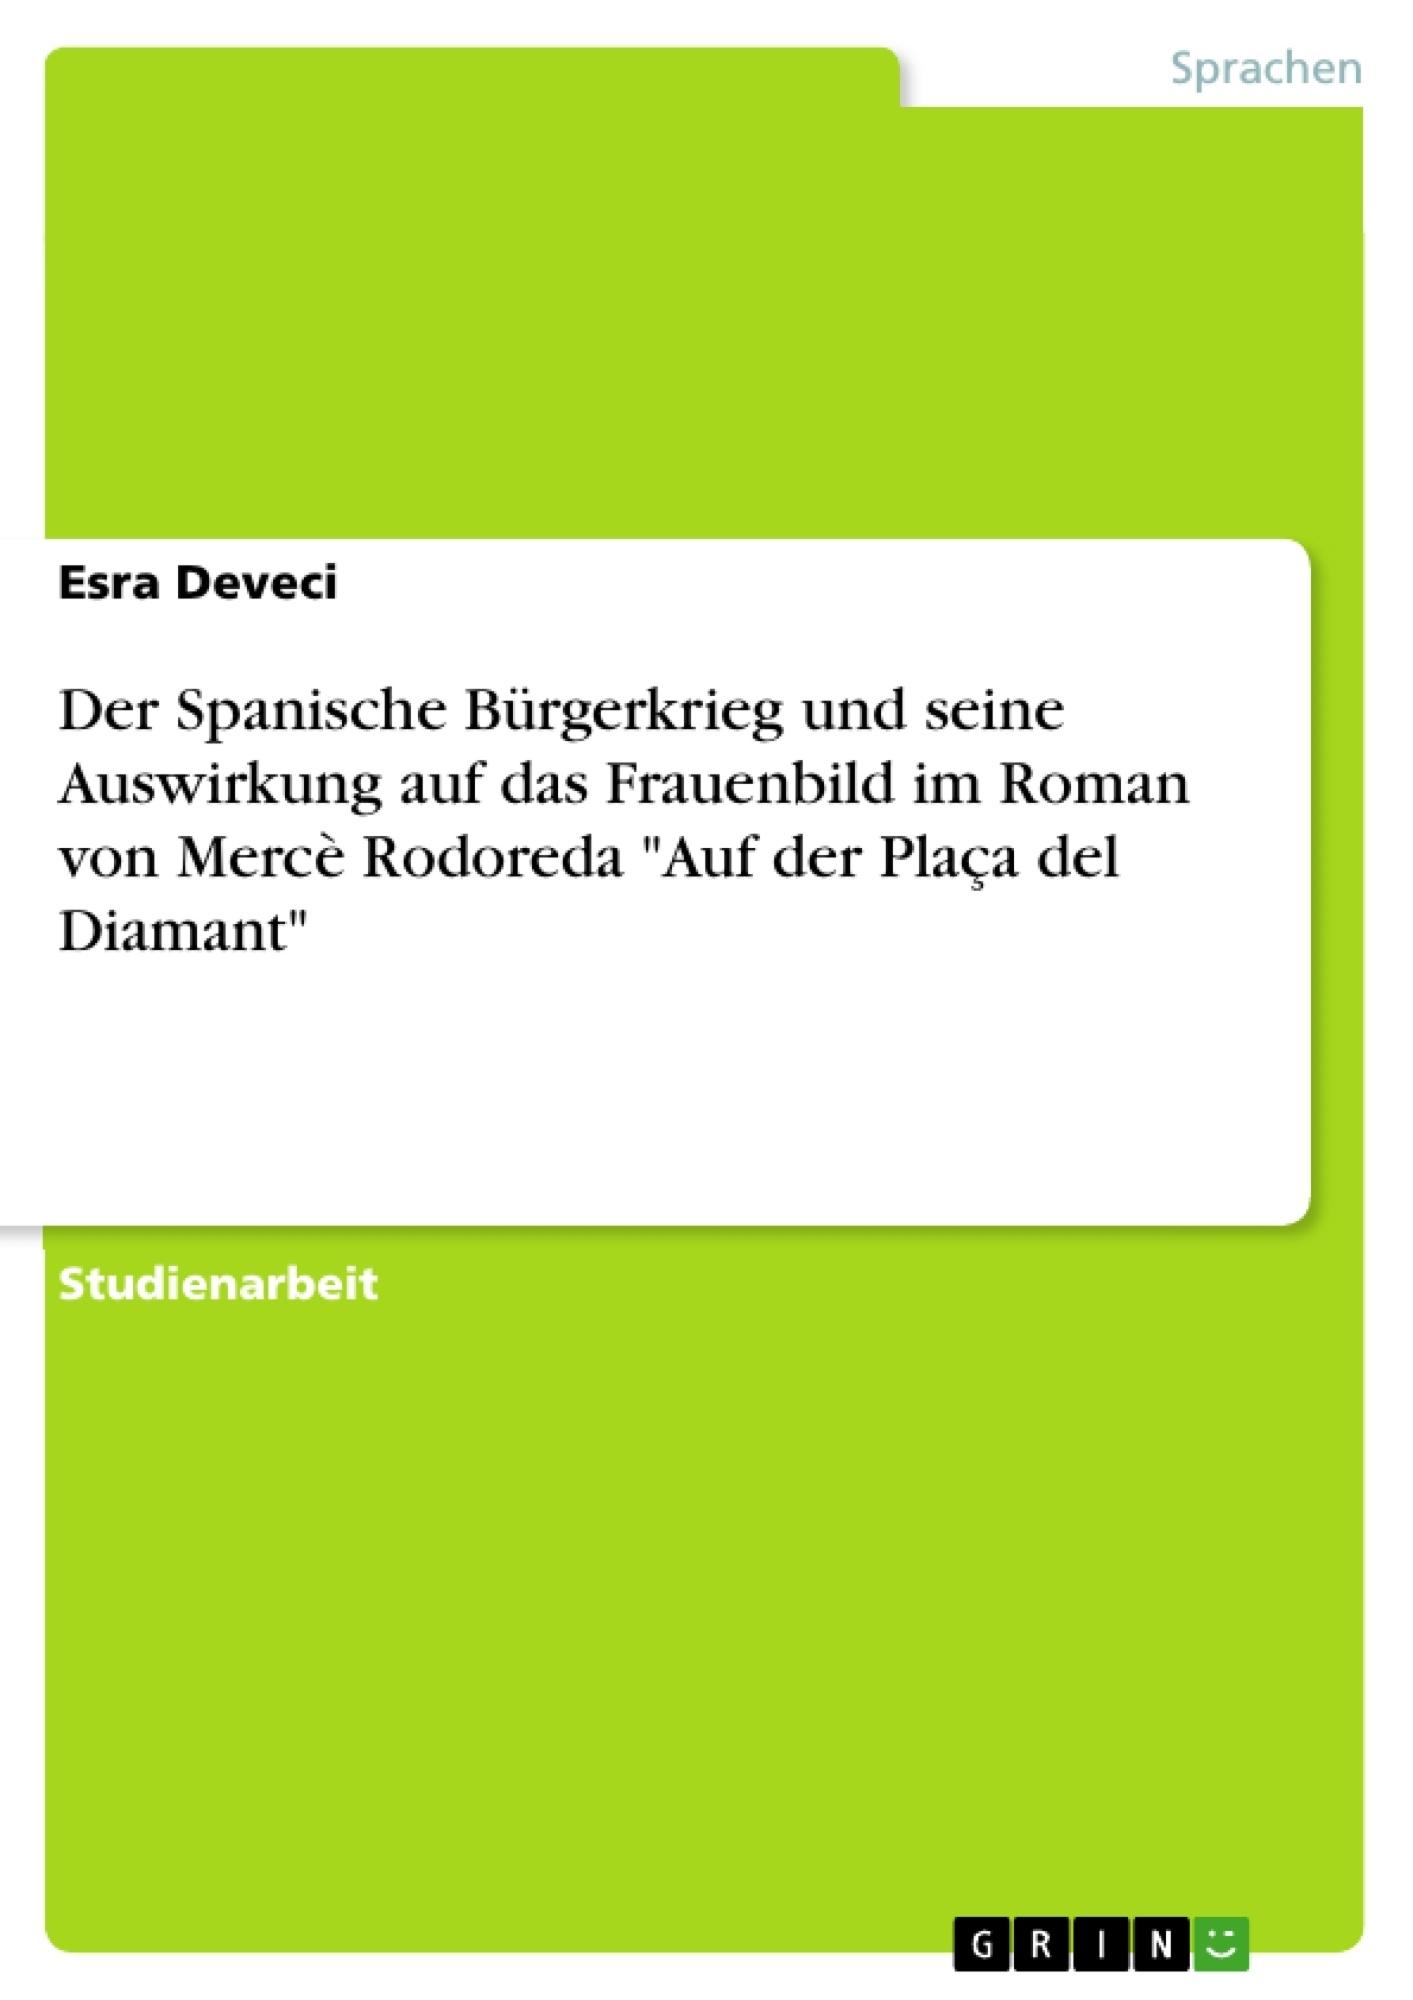 """Titel: Der Spanische Bürgerkrieg und seine Auswirkung auf das Frauenbild im Roman von Mercè Rodoreda """"Auf der Plaça del Diamant"""""""